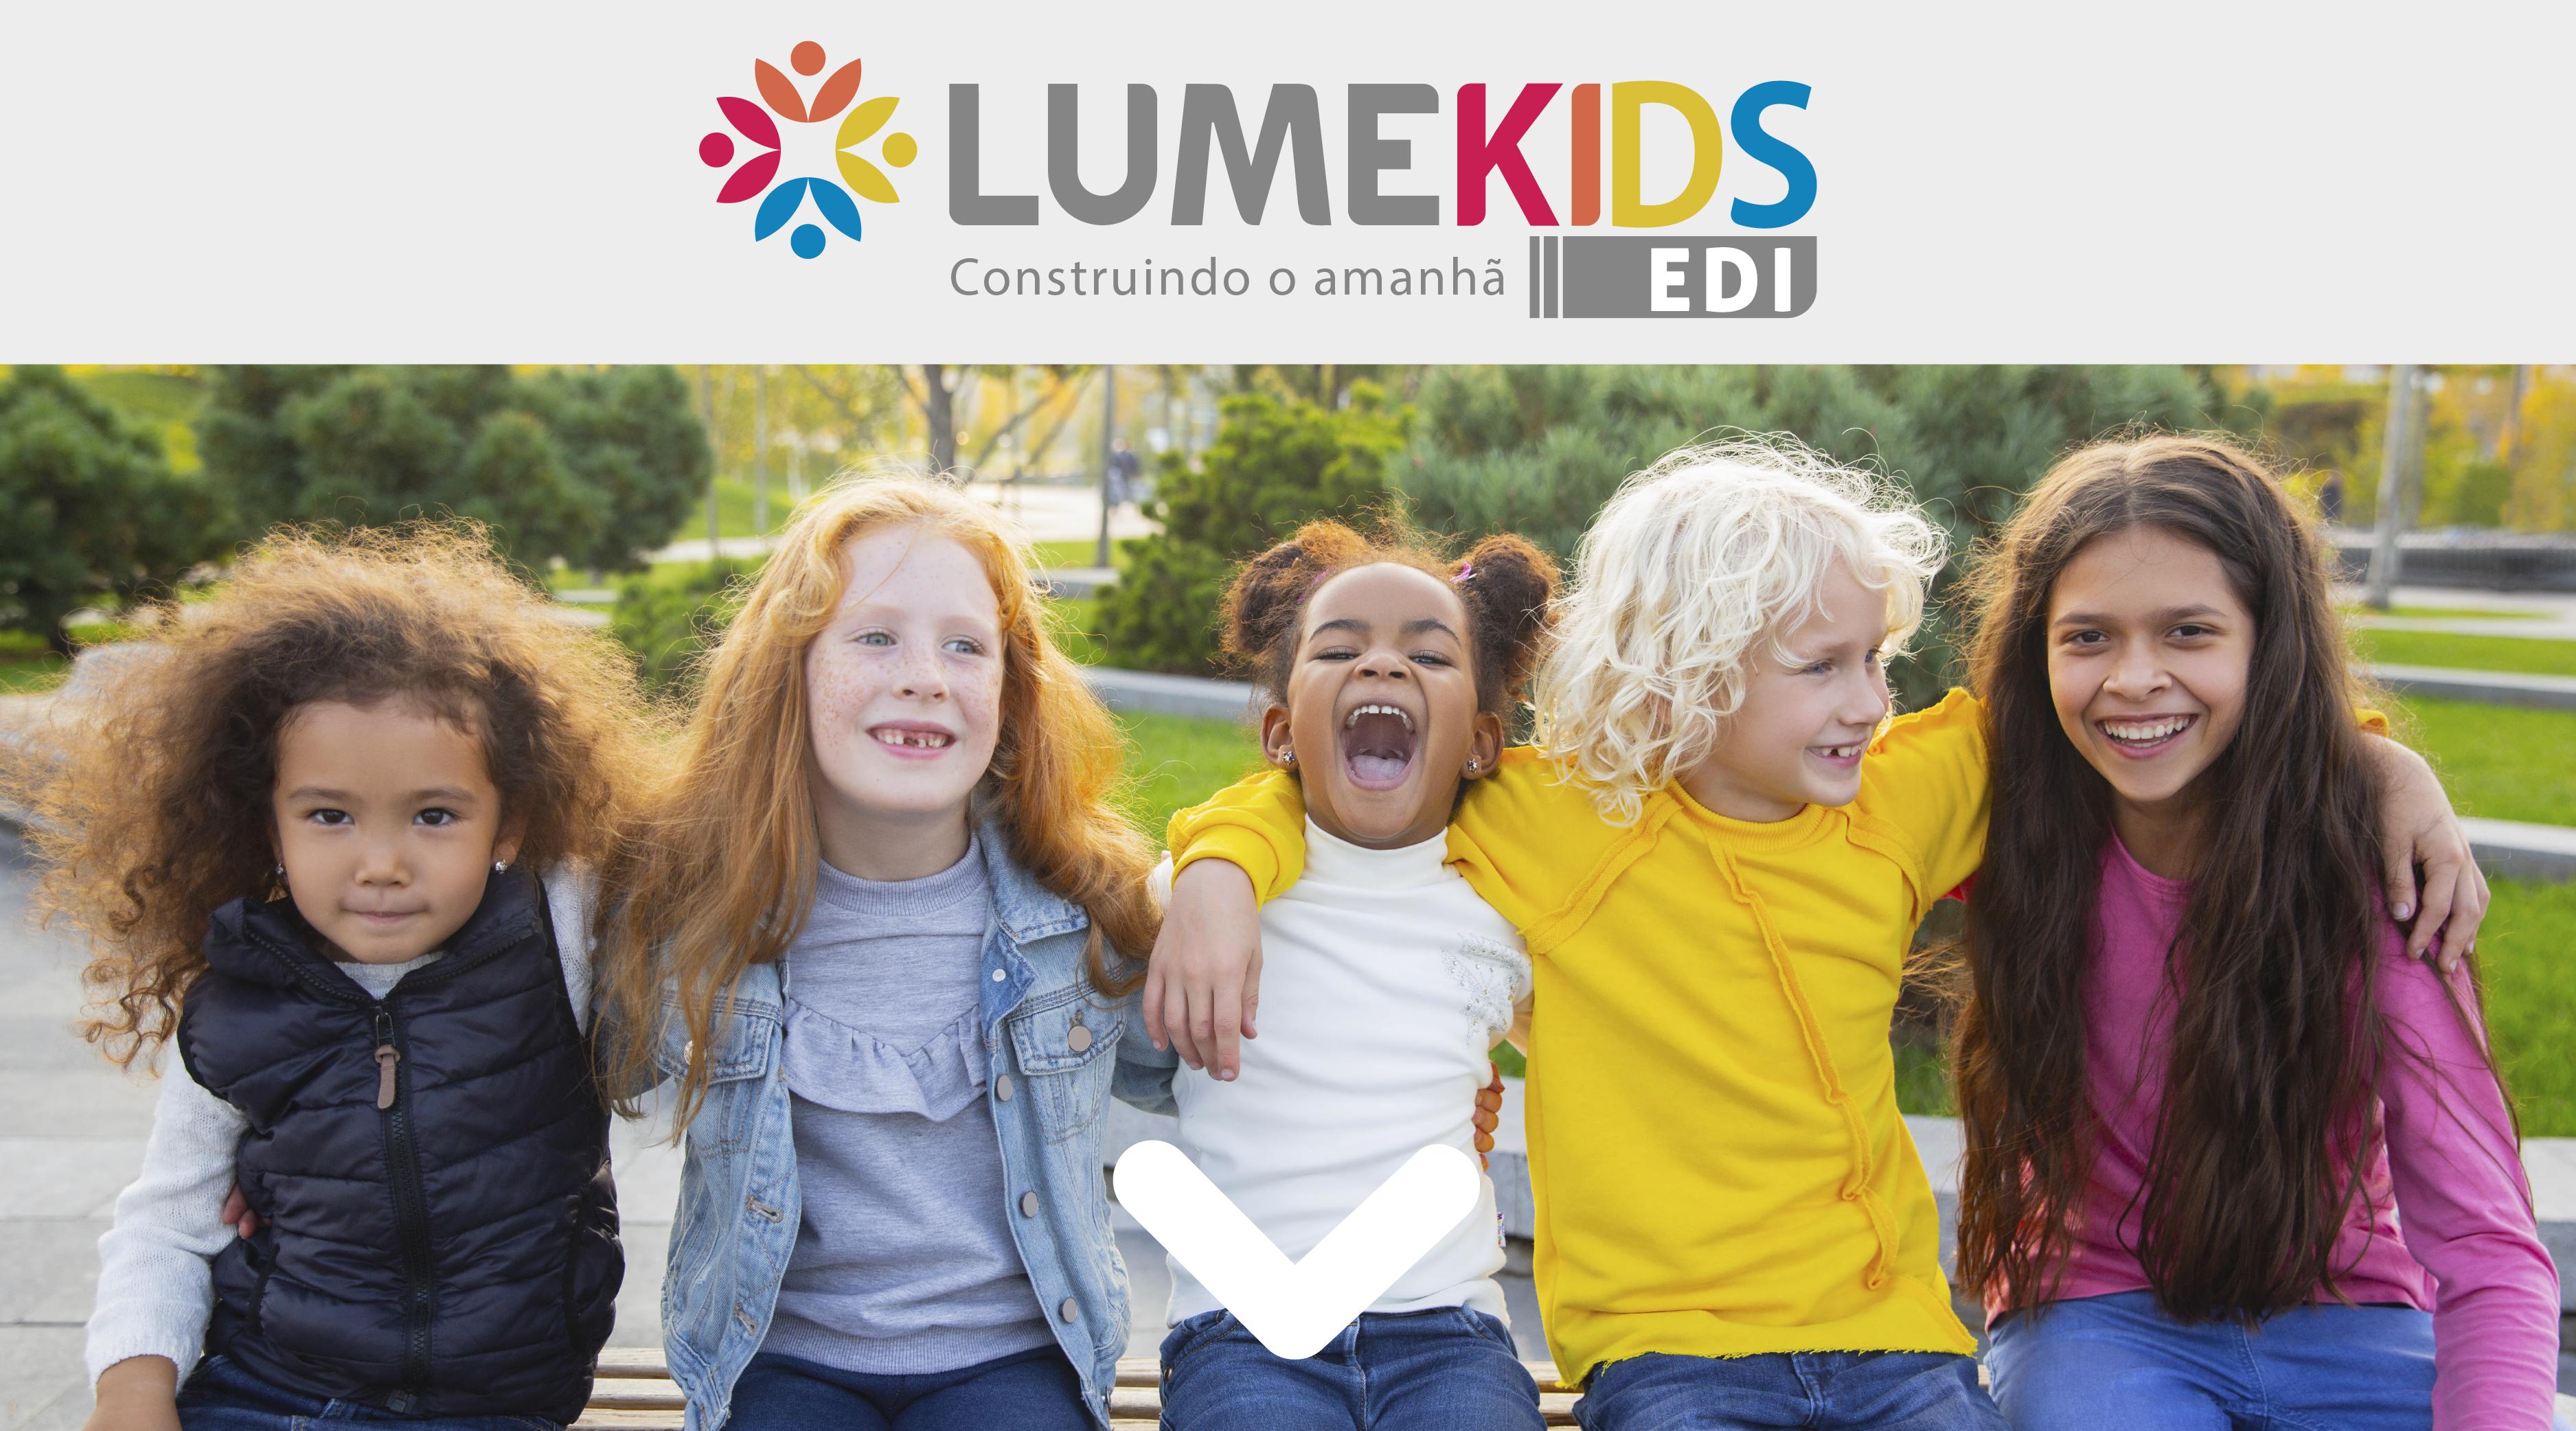 LUMEKIDS EDi – Diário no Contraturno